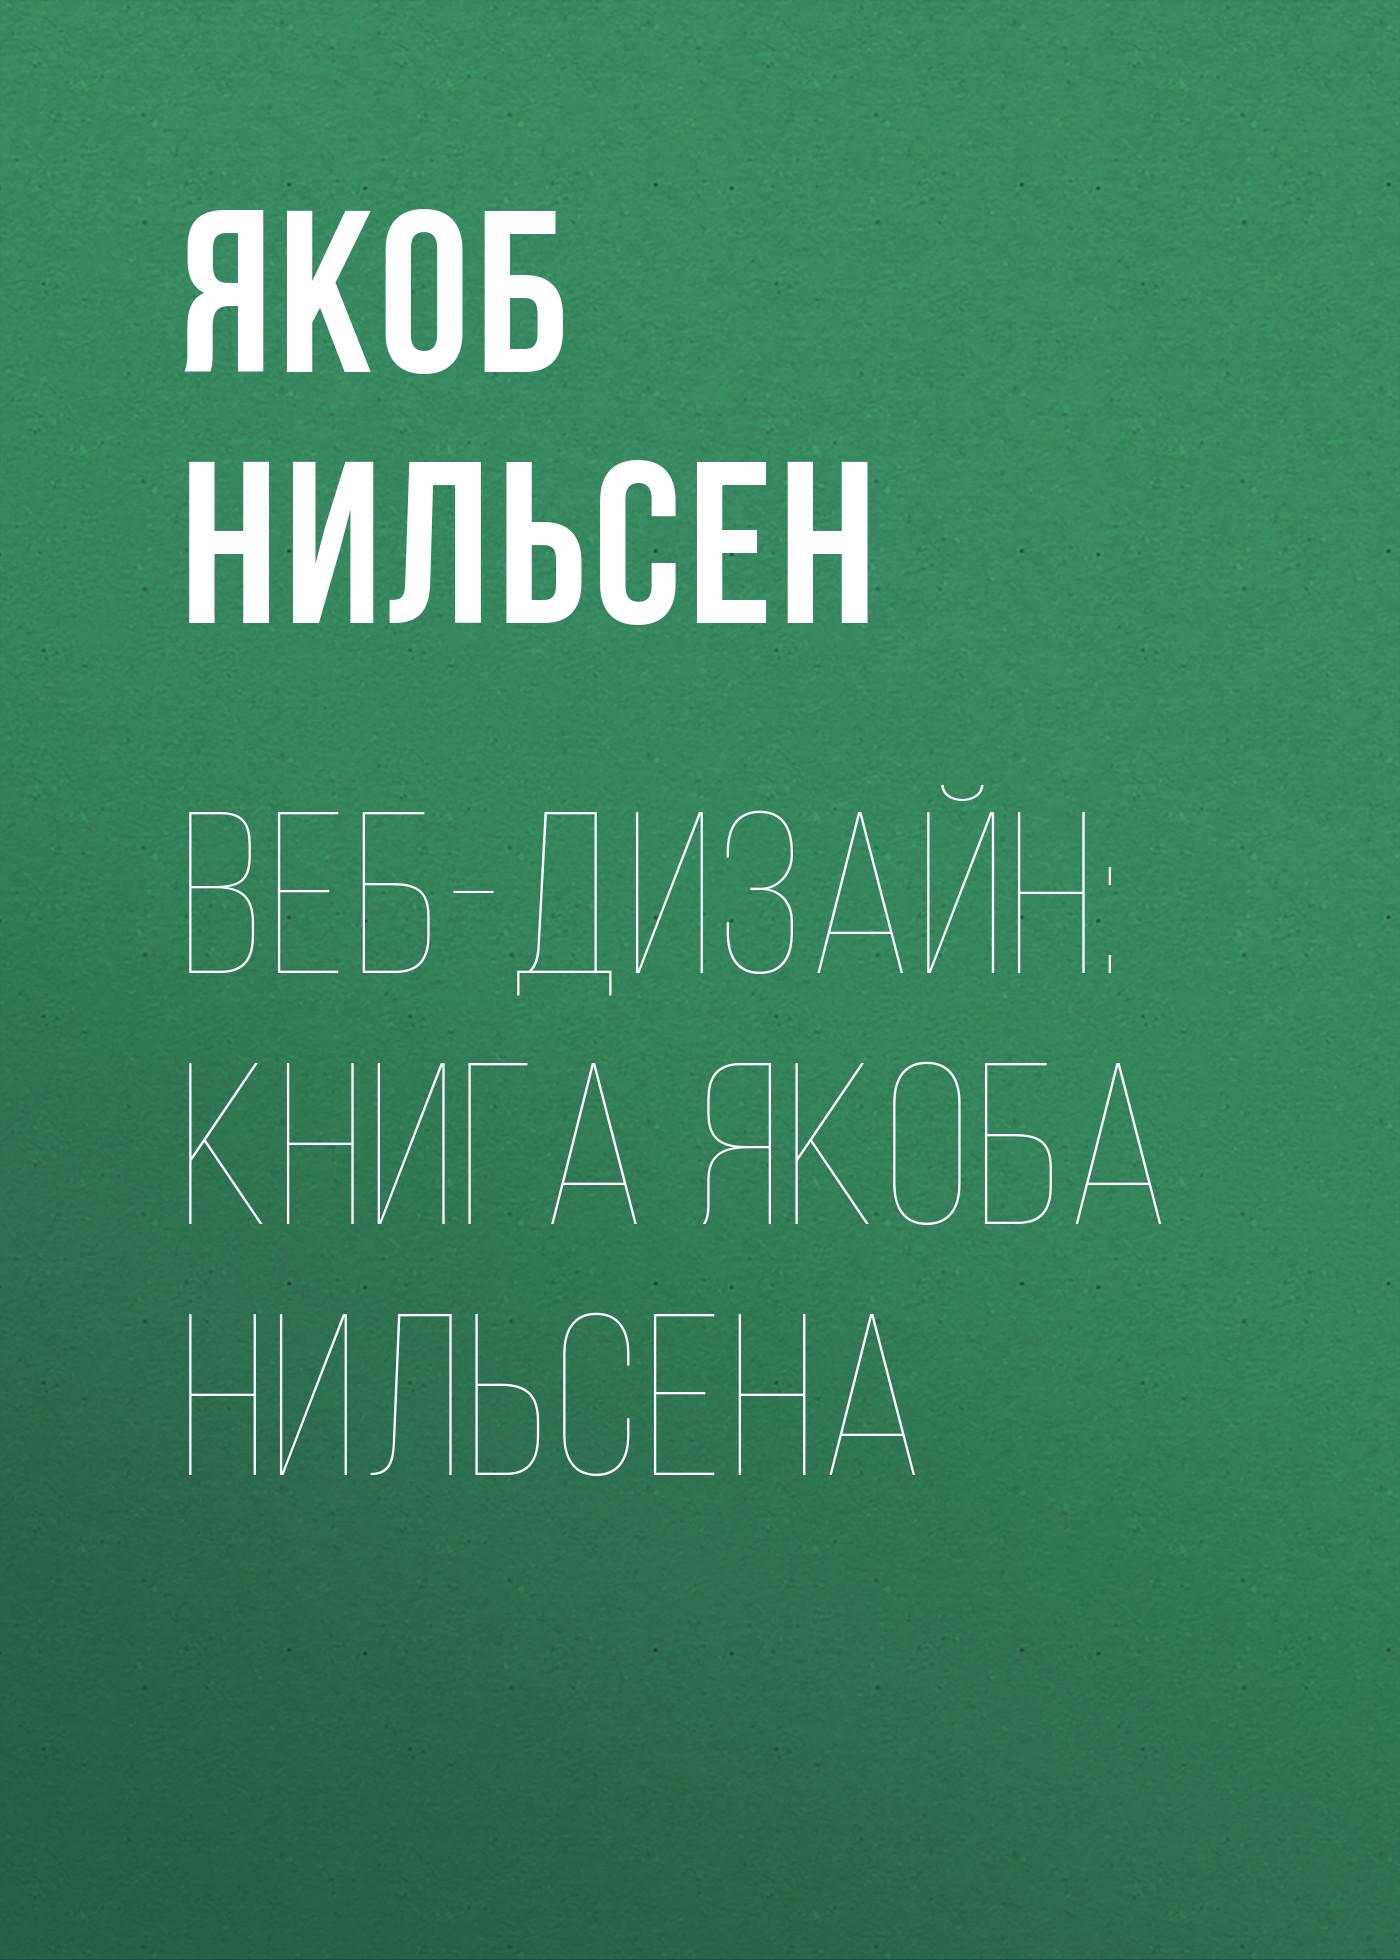 Веб-дизайн: книга Якоба Нильсена